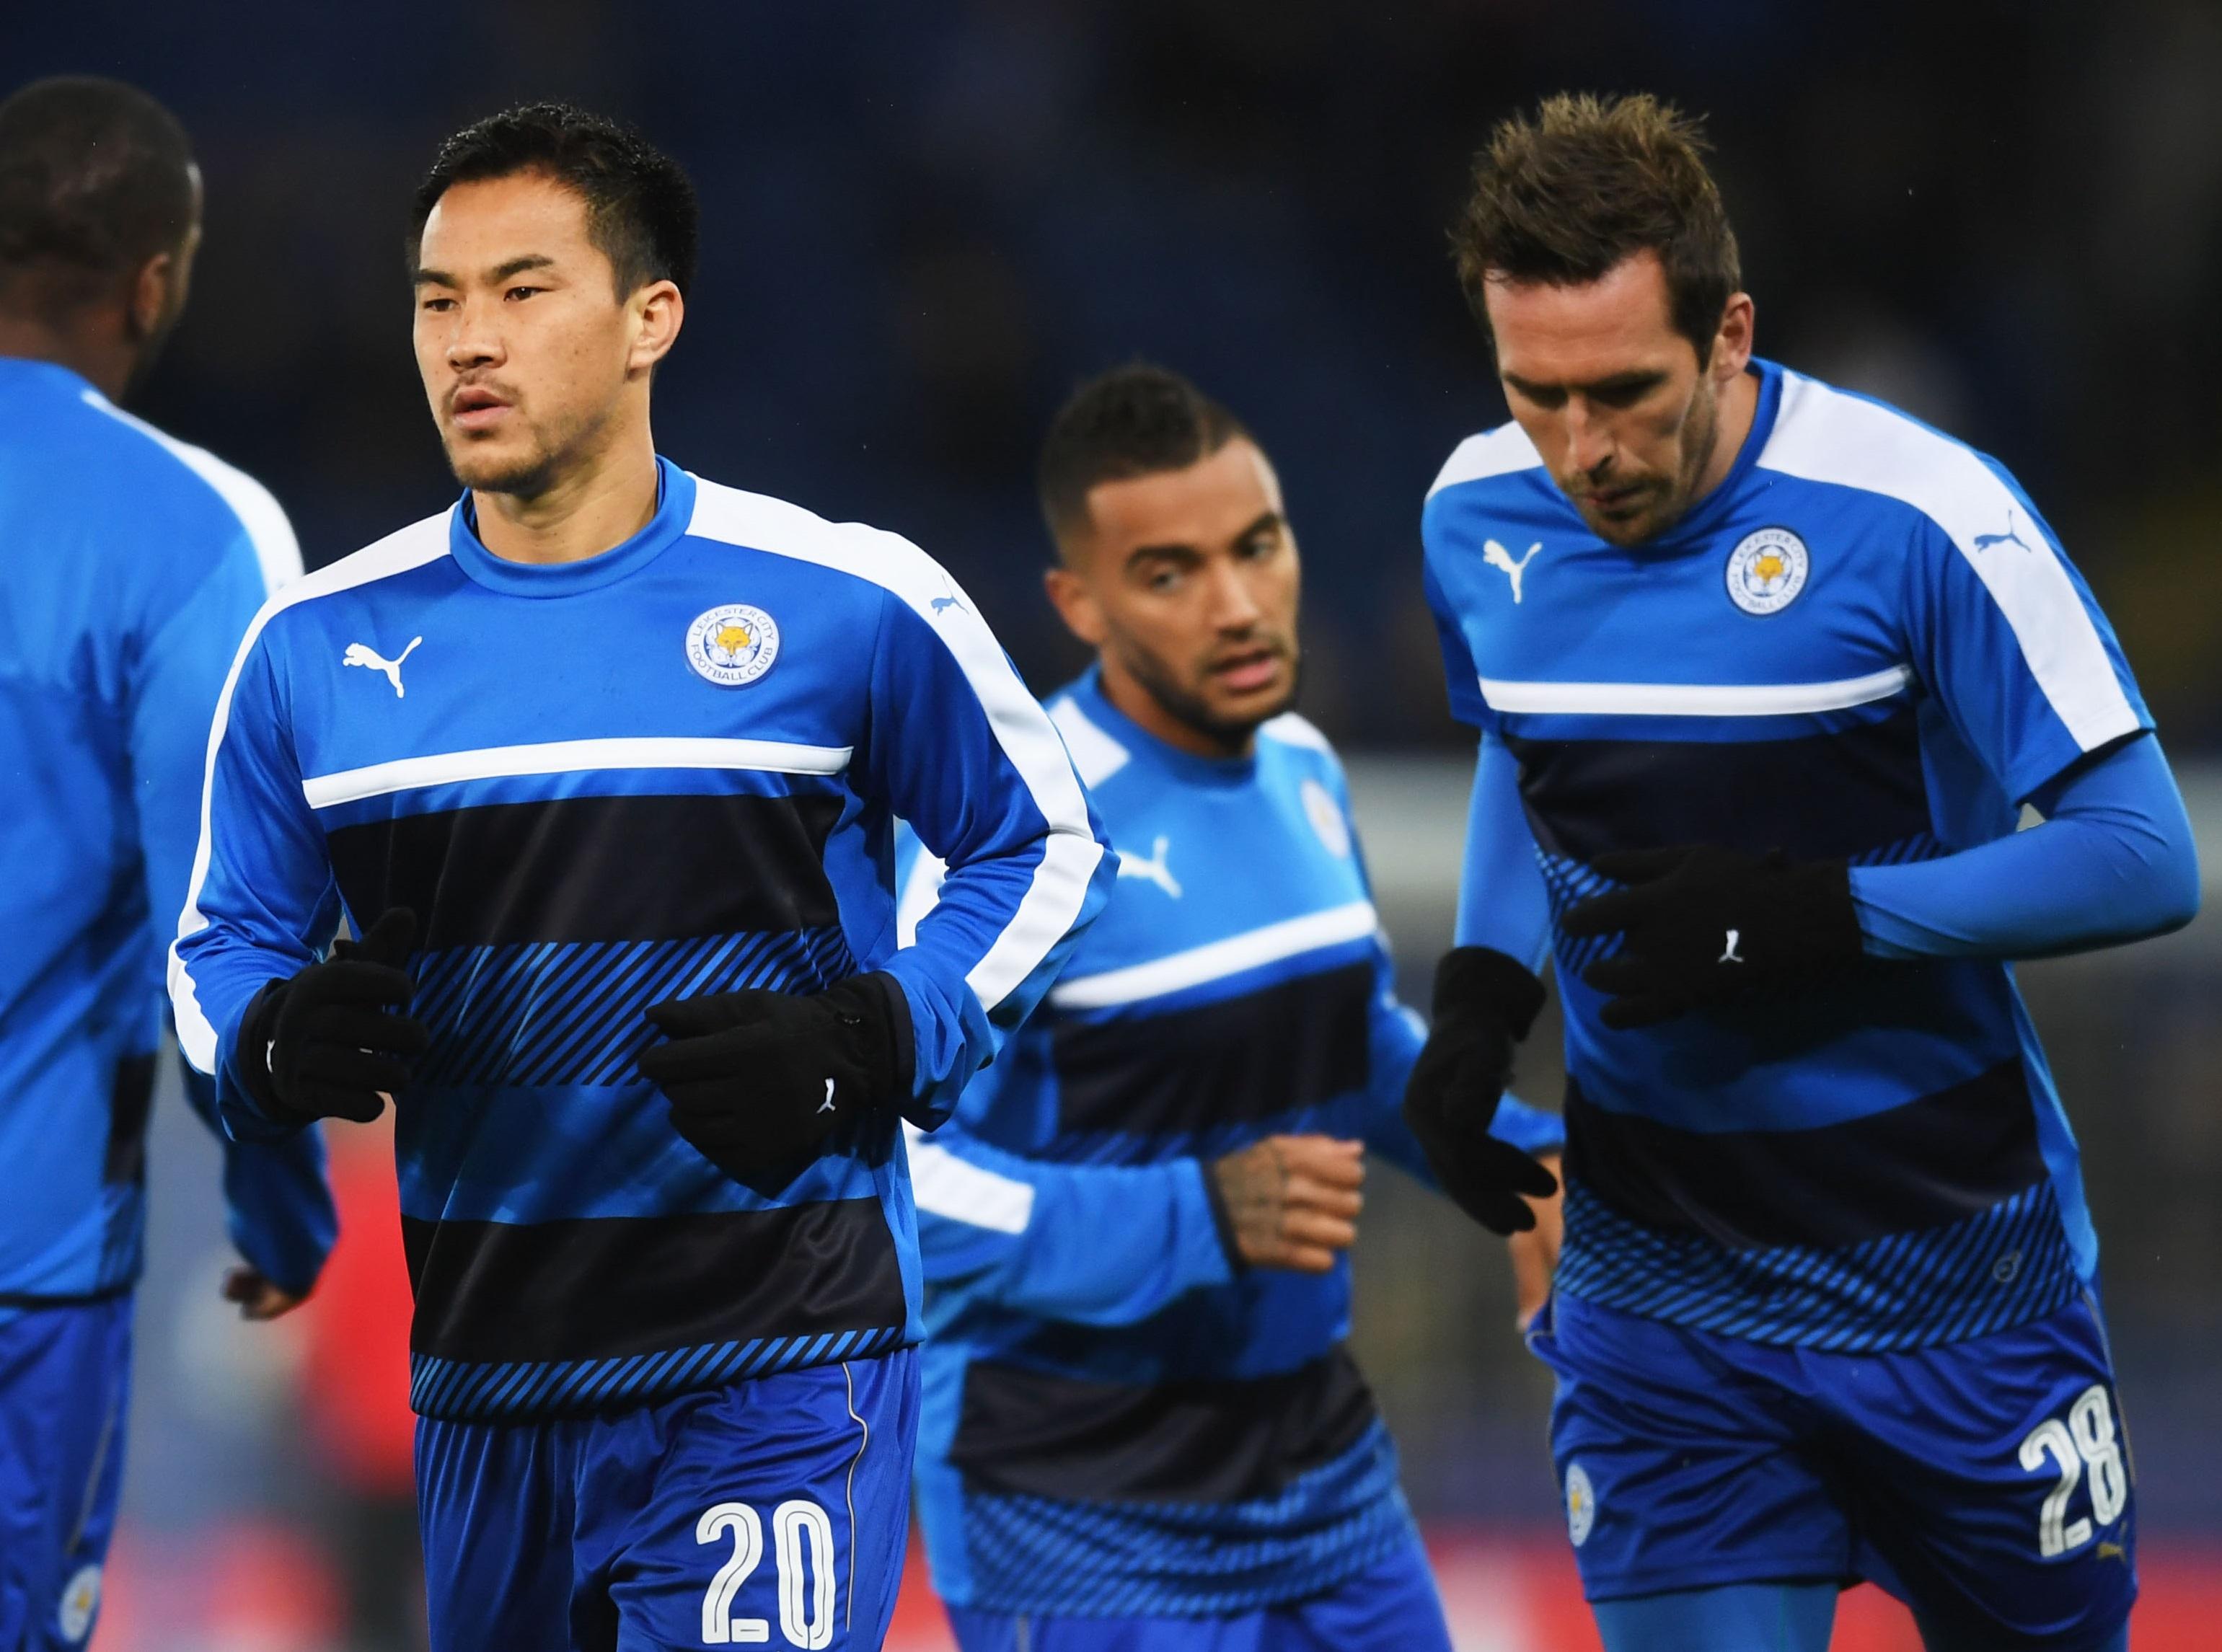 Leicester, la favola è finita: Ranieri esonerato